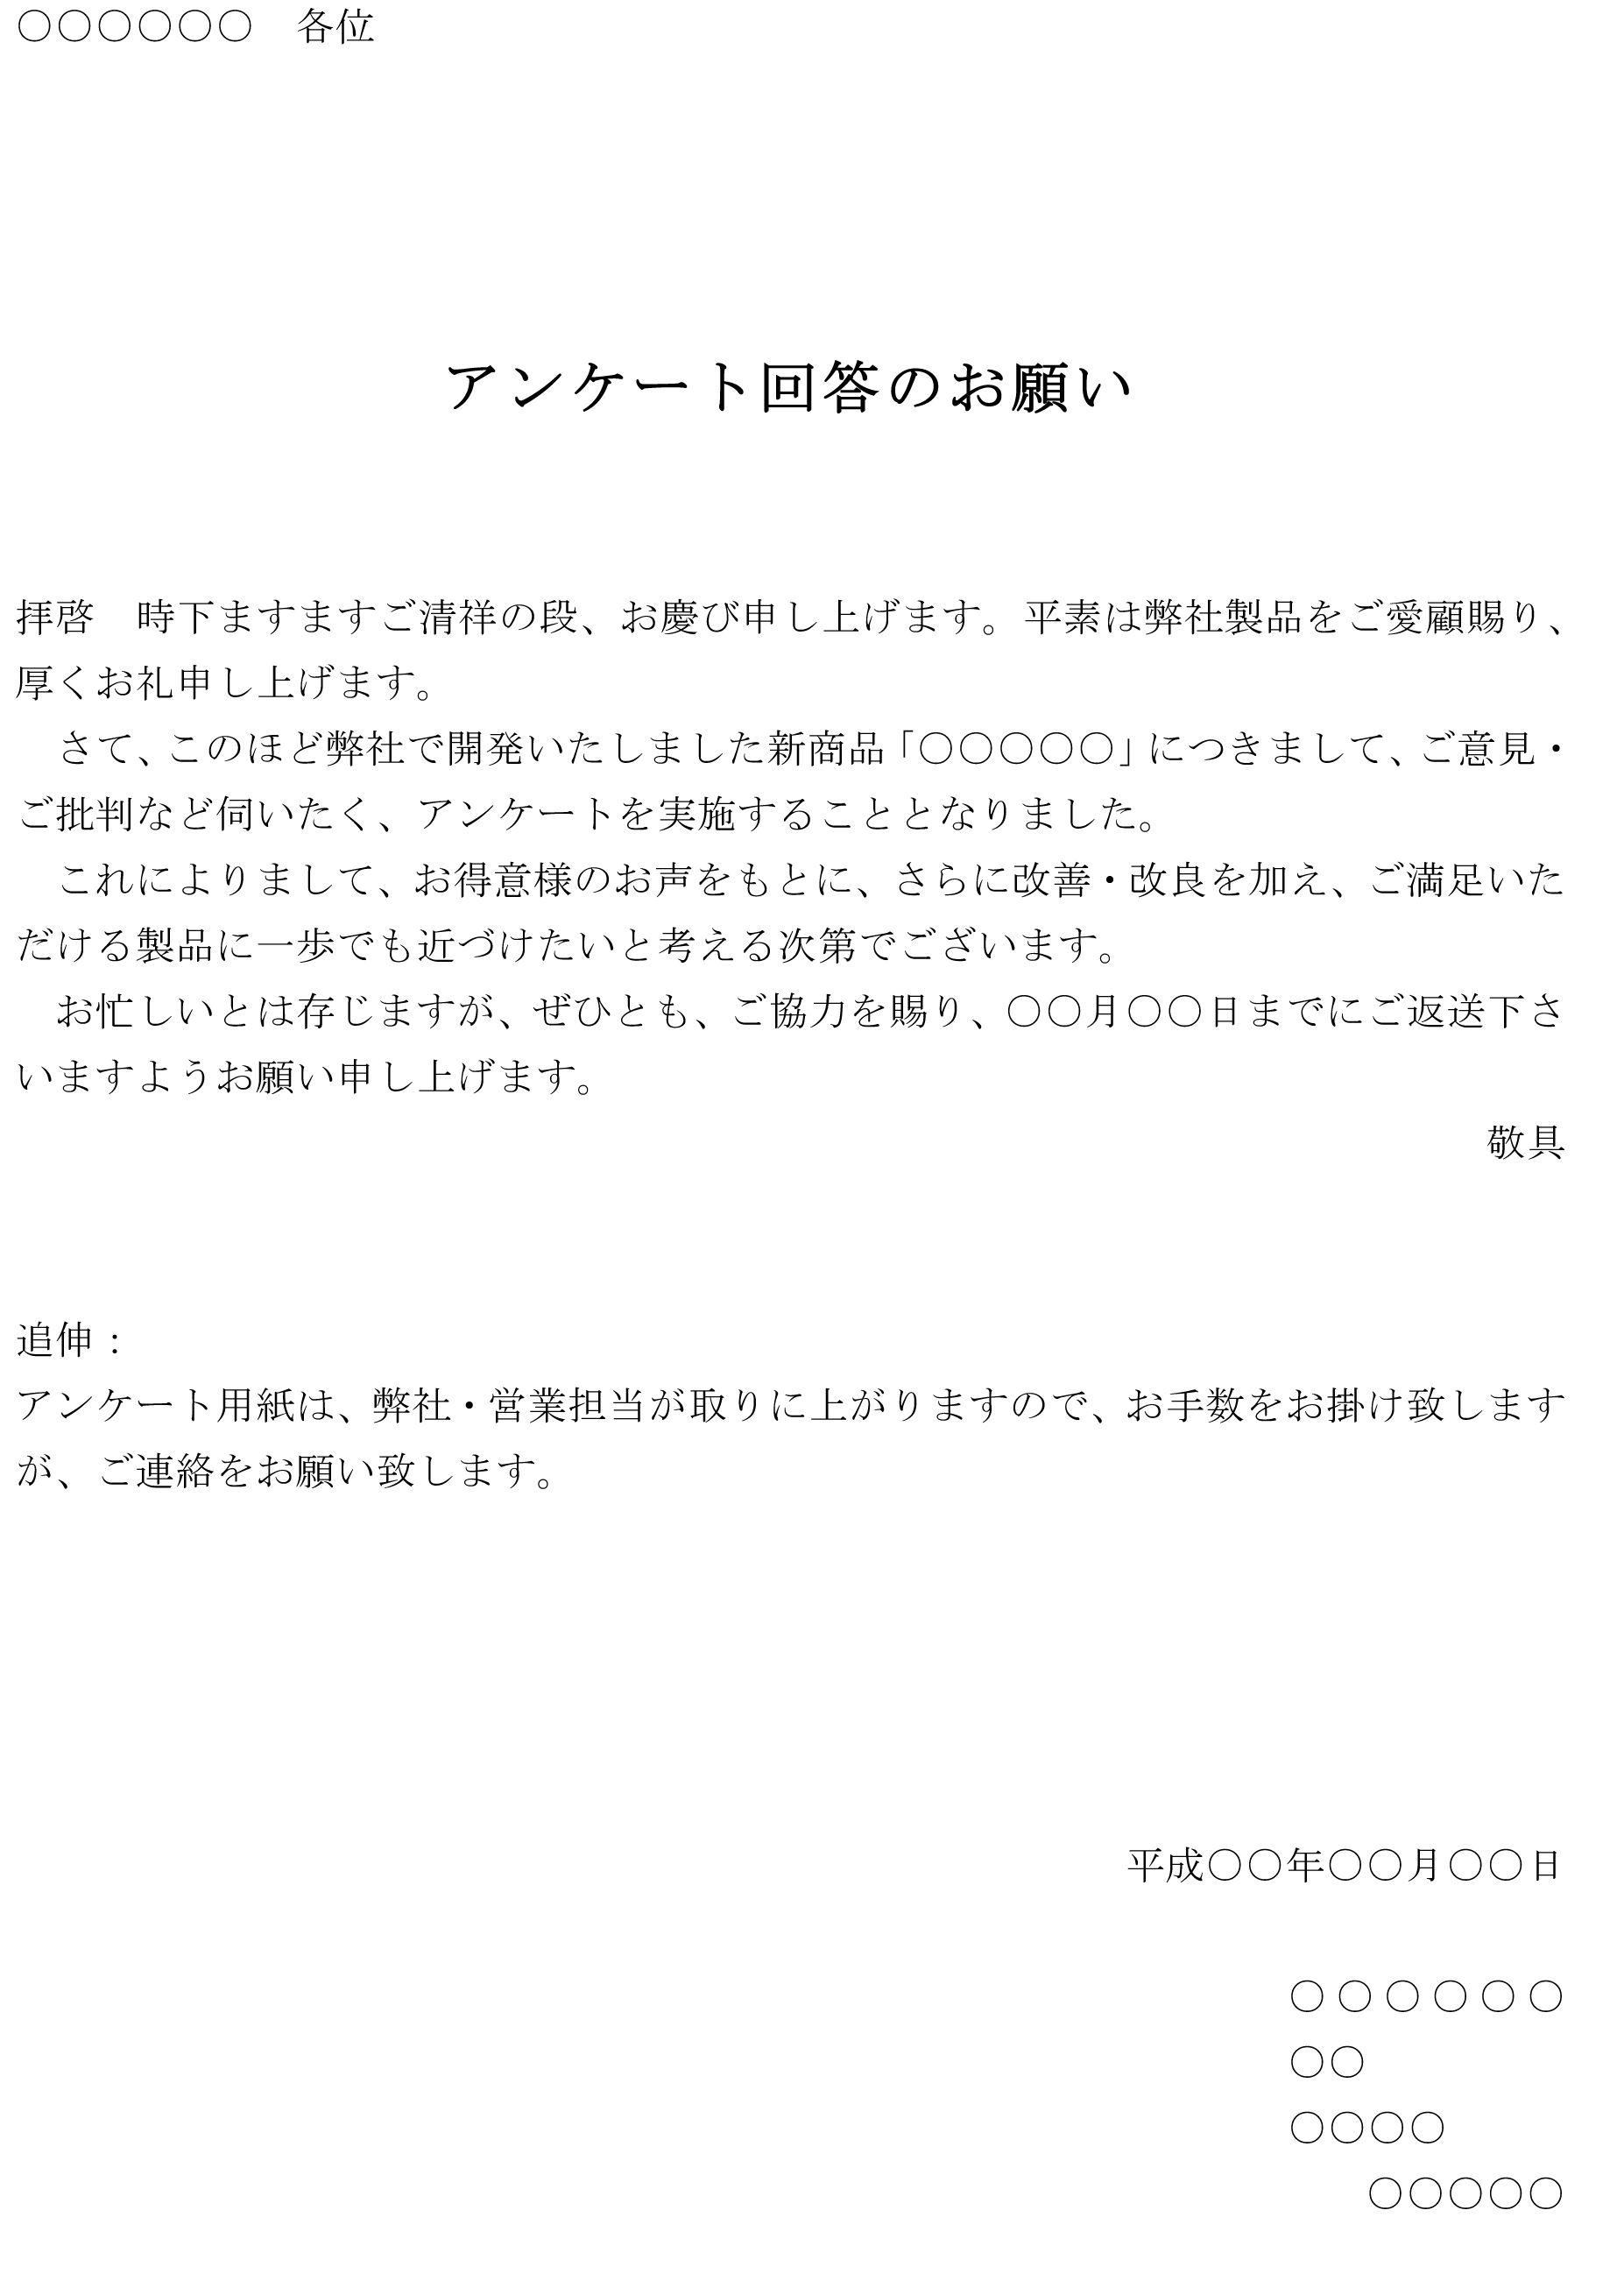 依頼状(アンケート協力)04